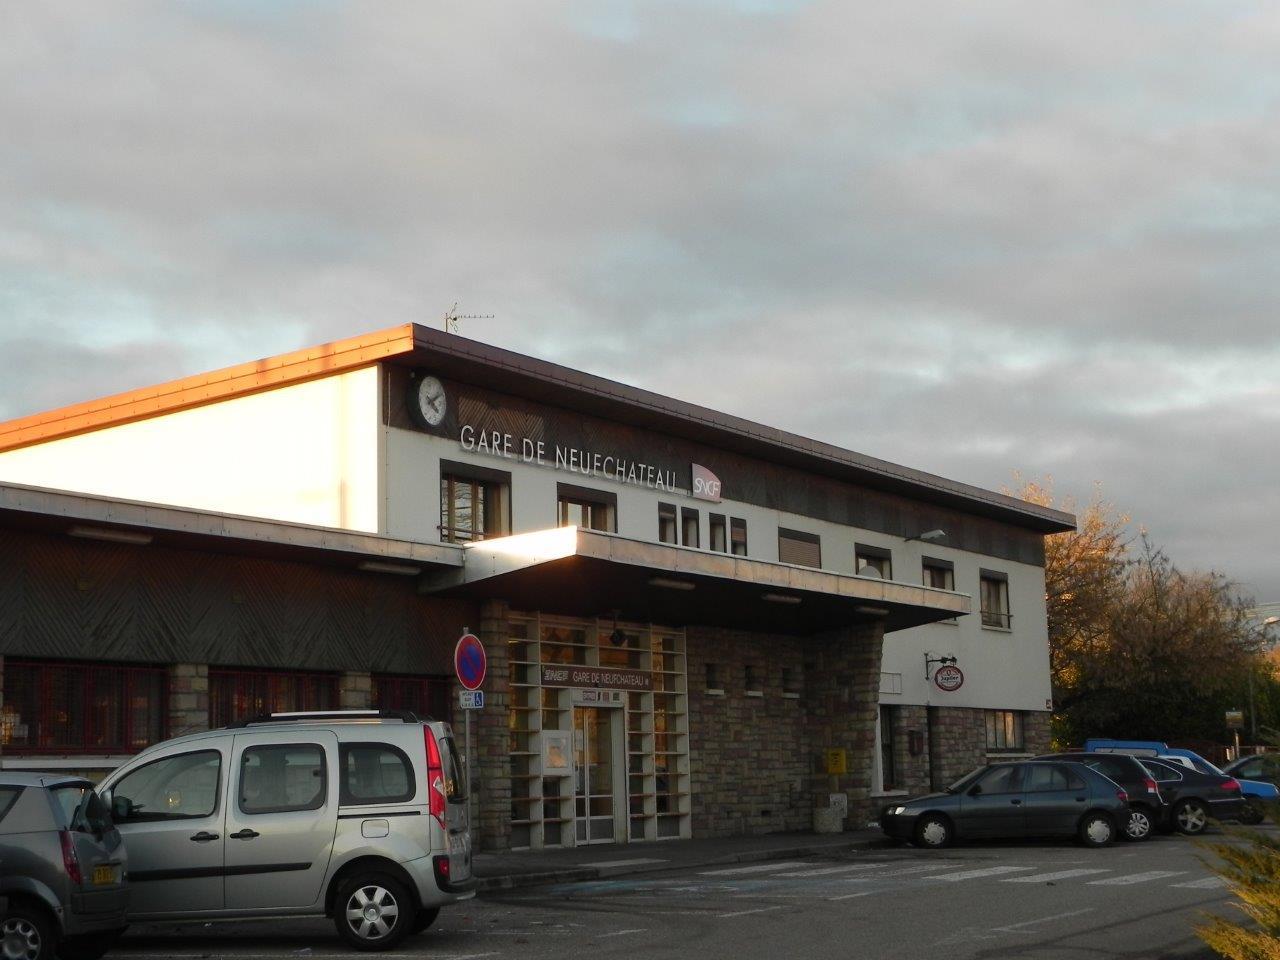 gare-de-neufchateau-train-station